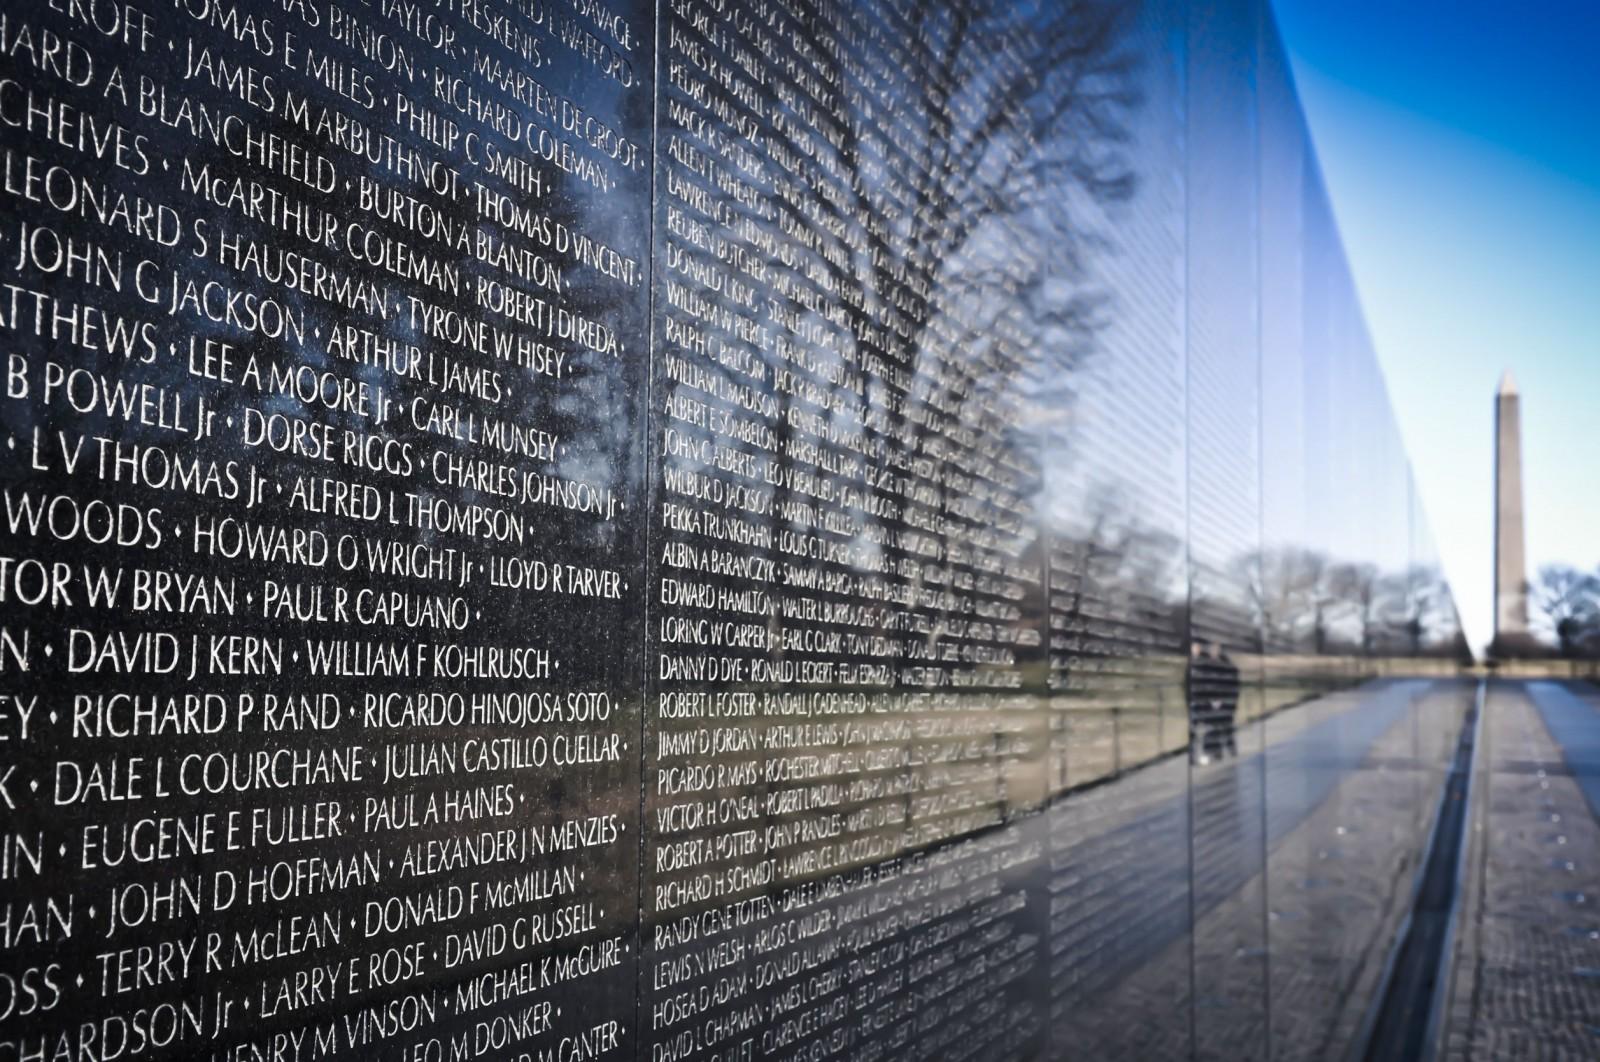 Vietnam War Memorial Washington Vietnam War Memorial in